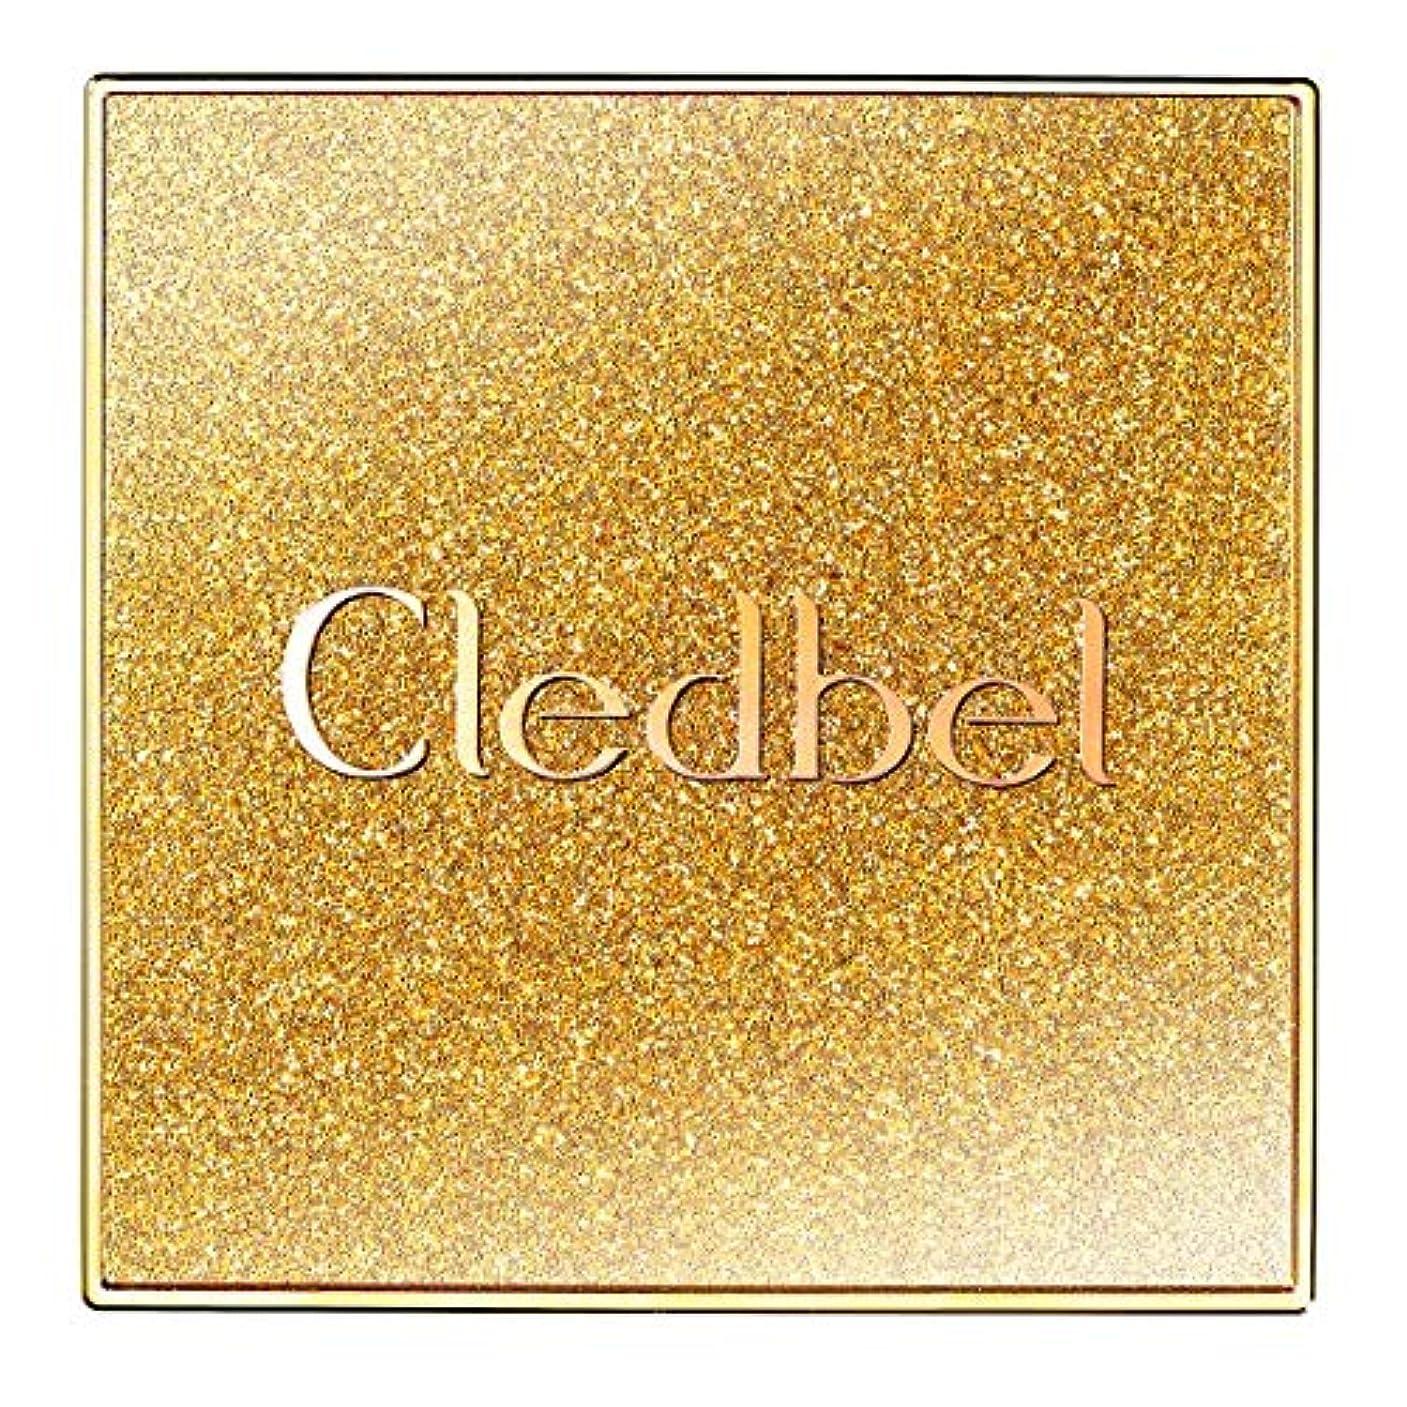 定義する属する入射[Cledbel] Miracle Power Lift V Cushion SPF50+ PA+++ GOLD EDITION/クレッドベルミラクルリフトV クッション [並行輸入品]